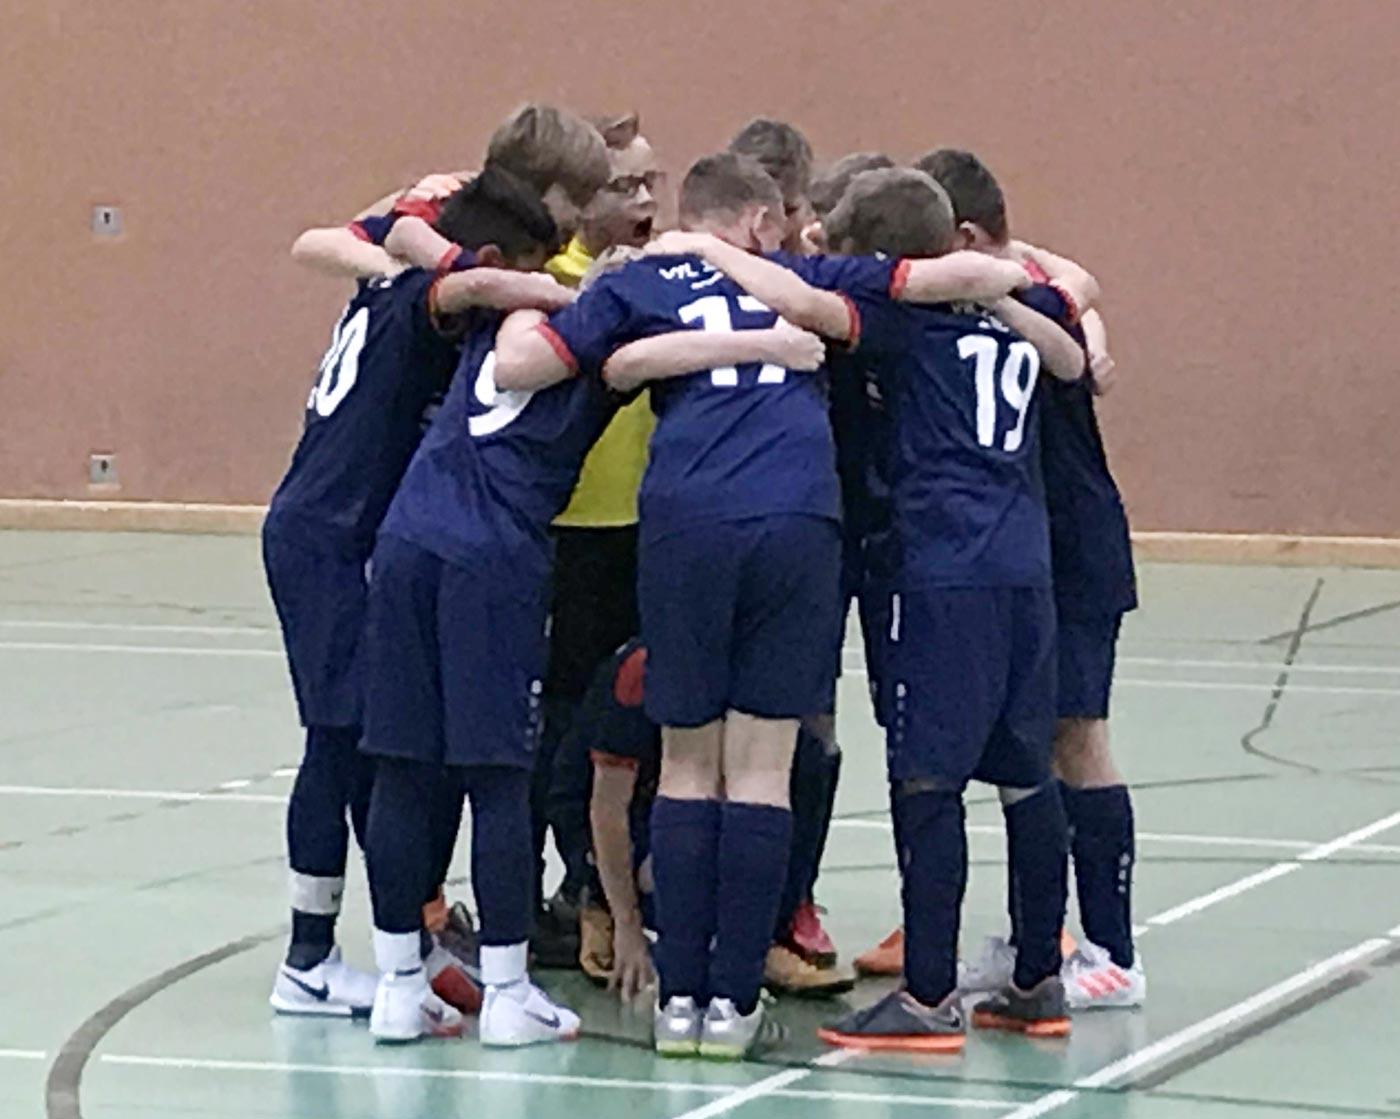 In ungewohnter Konstellation fanden wir uns heute zum Start in die U12 Hallenrunde wieder. Während die Jungs auf dem Feld in getrennten Teams spielen, treten wir in der Futsalrunde jahrgangsgetreu mit einer reinen 2007er Truppe an, an die die Erwartungen nach dem U11-Titelgewinn im Vorjahr natürlich hoch sind.